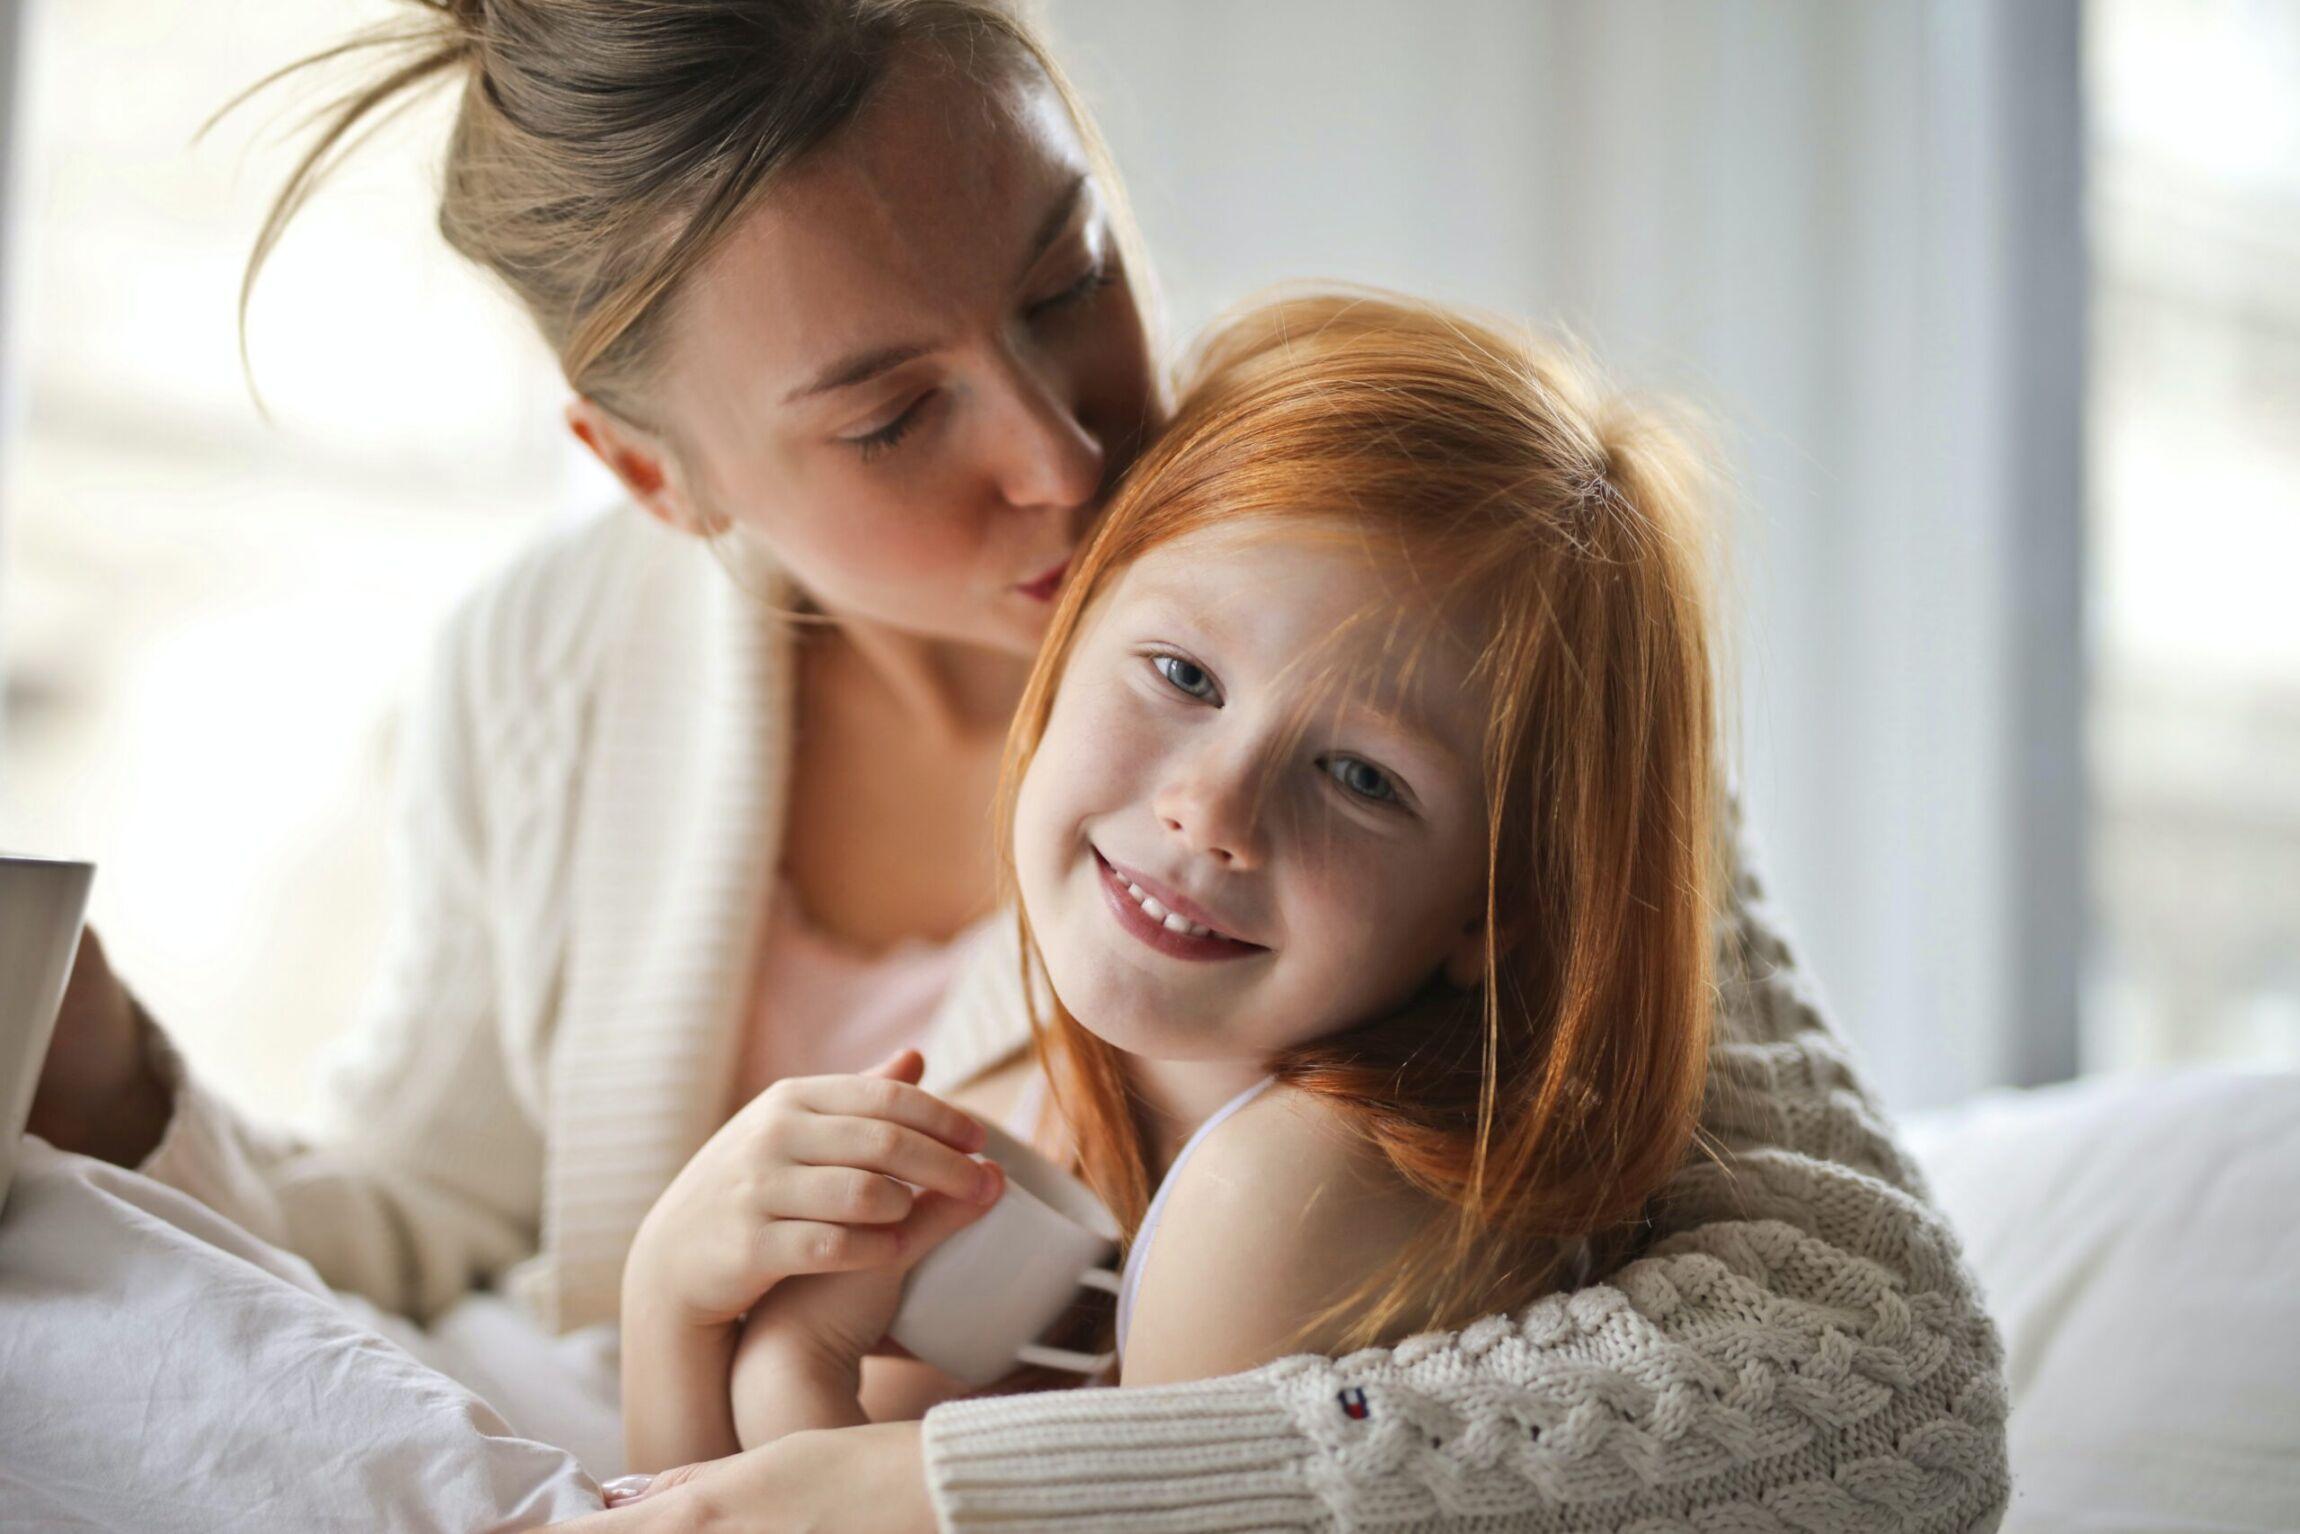 La gestione dello stress e il rafforzamento dei legami famigliari